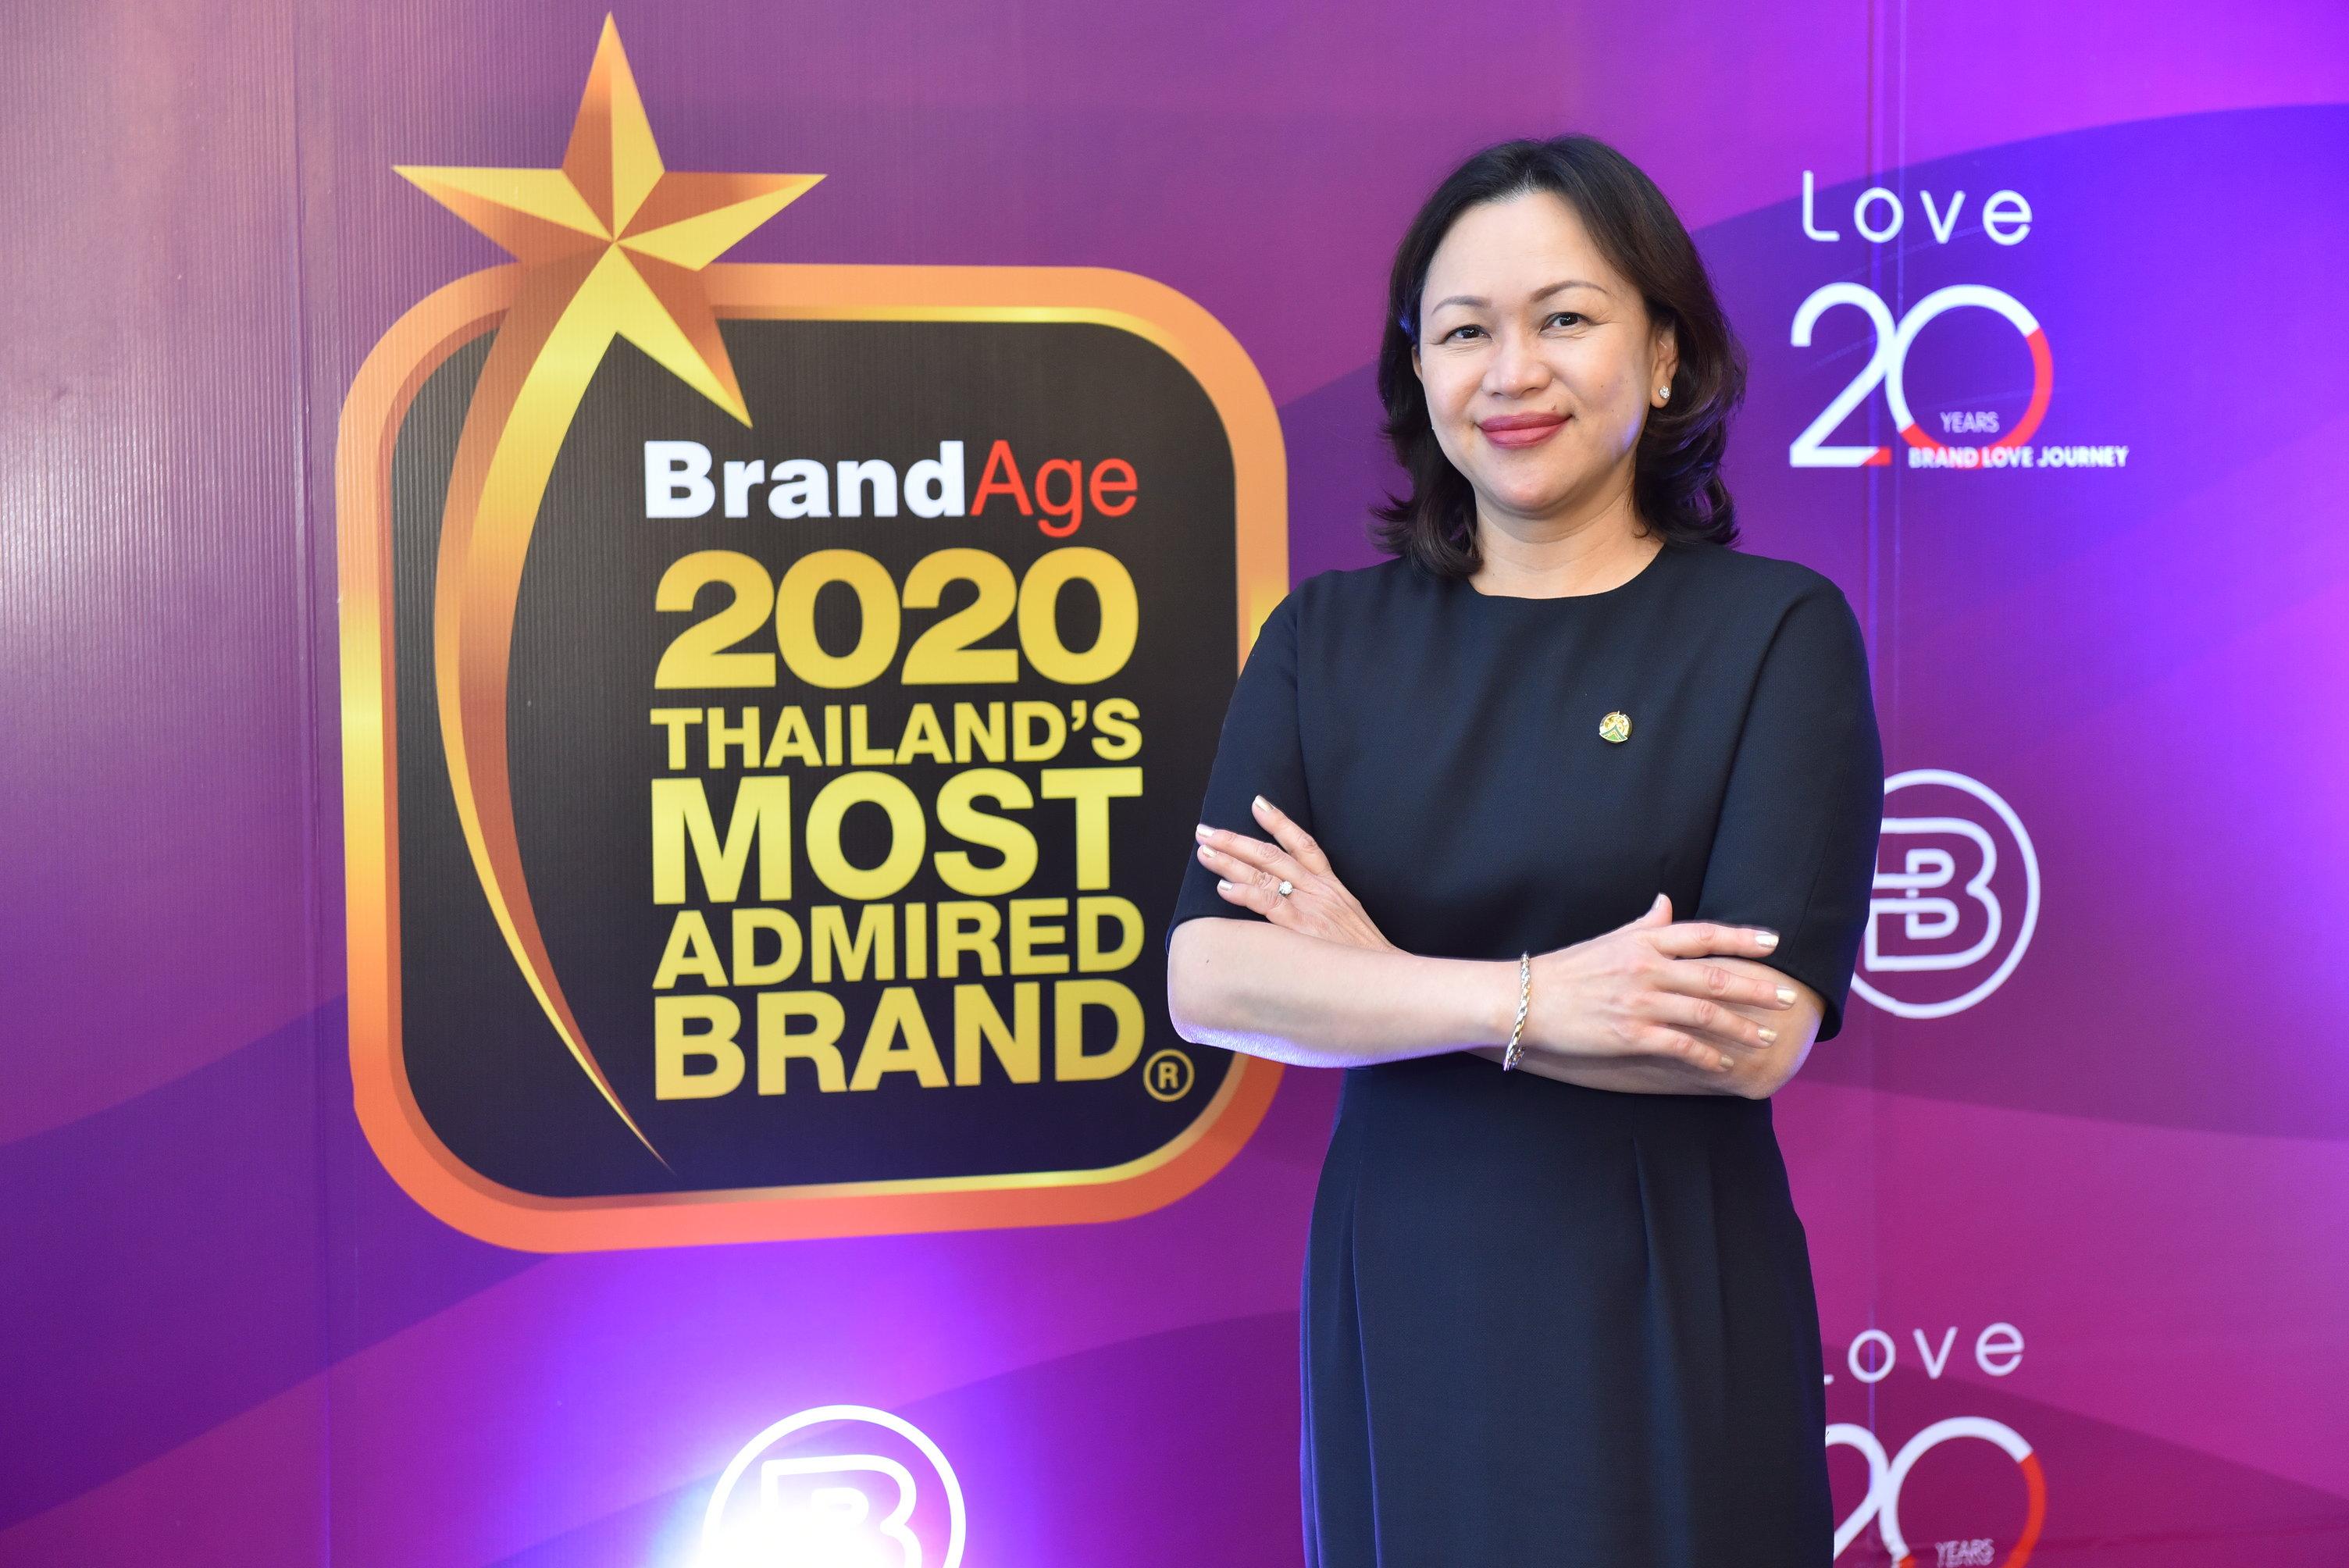 """บริษัท ดอยคำผลิตภัณฑ์อาหาร จำกัด ได้รับรางวัล """"2020 Thailand's Most Admired Brand"""" จาก นิตยสาร BrandAge 3 ปีซ้อน"""